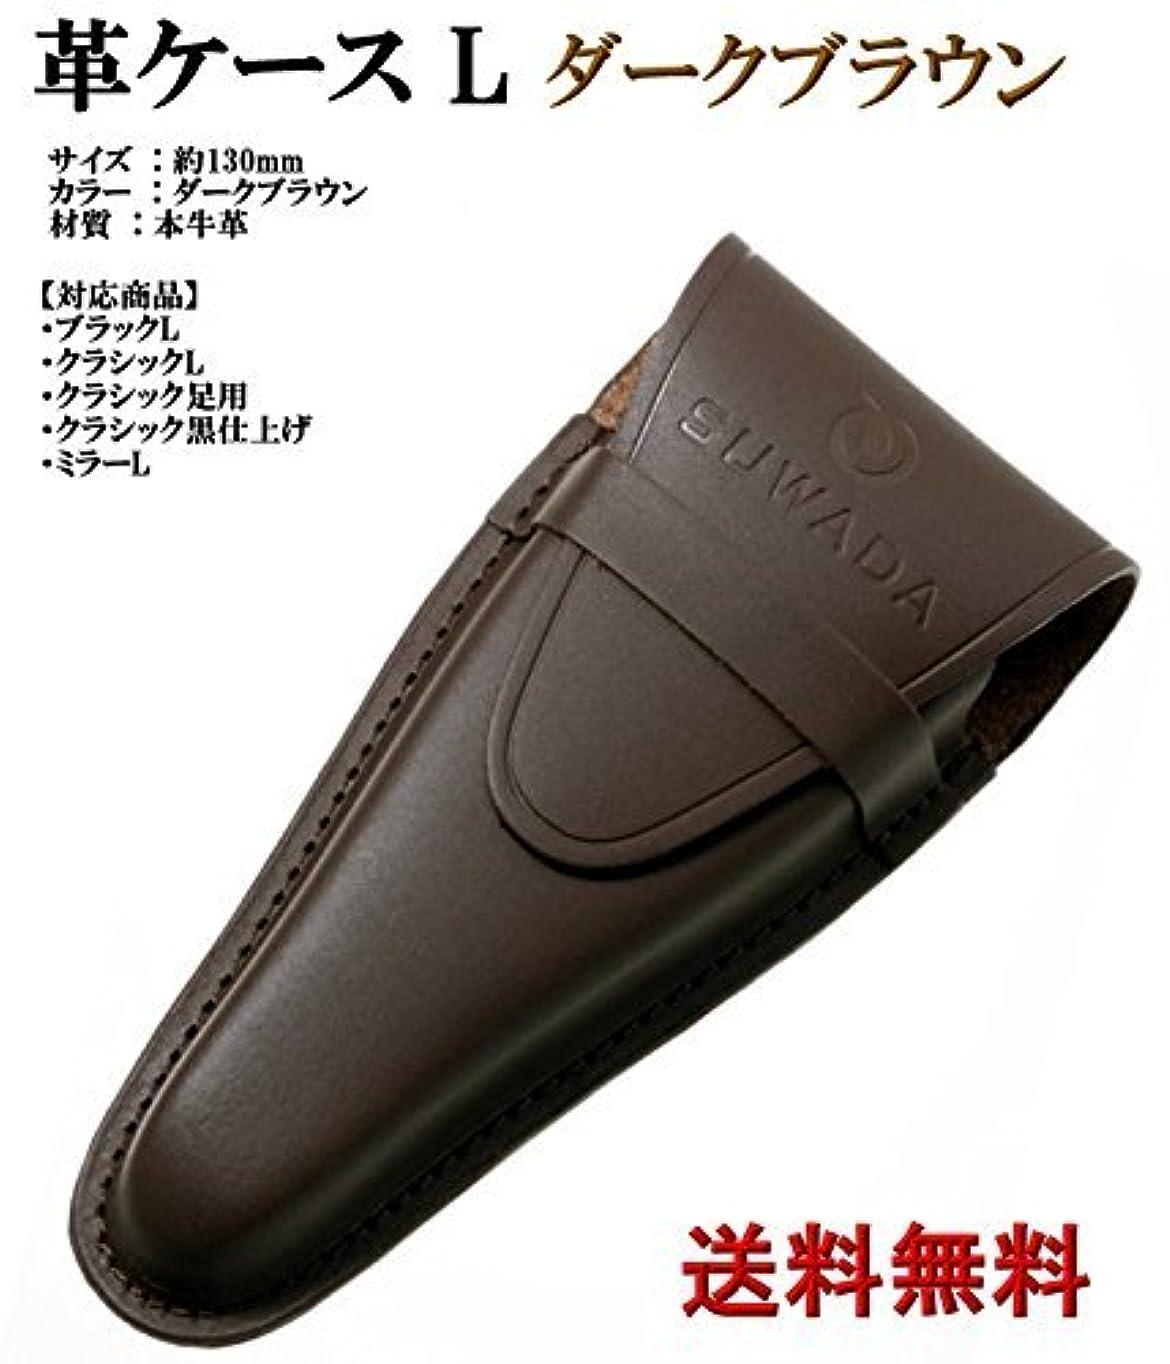 グラディス鳴り響くバスルームSUWADA 爪きり用本革ケースL